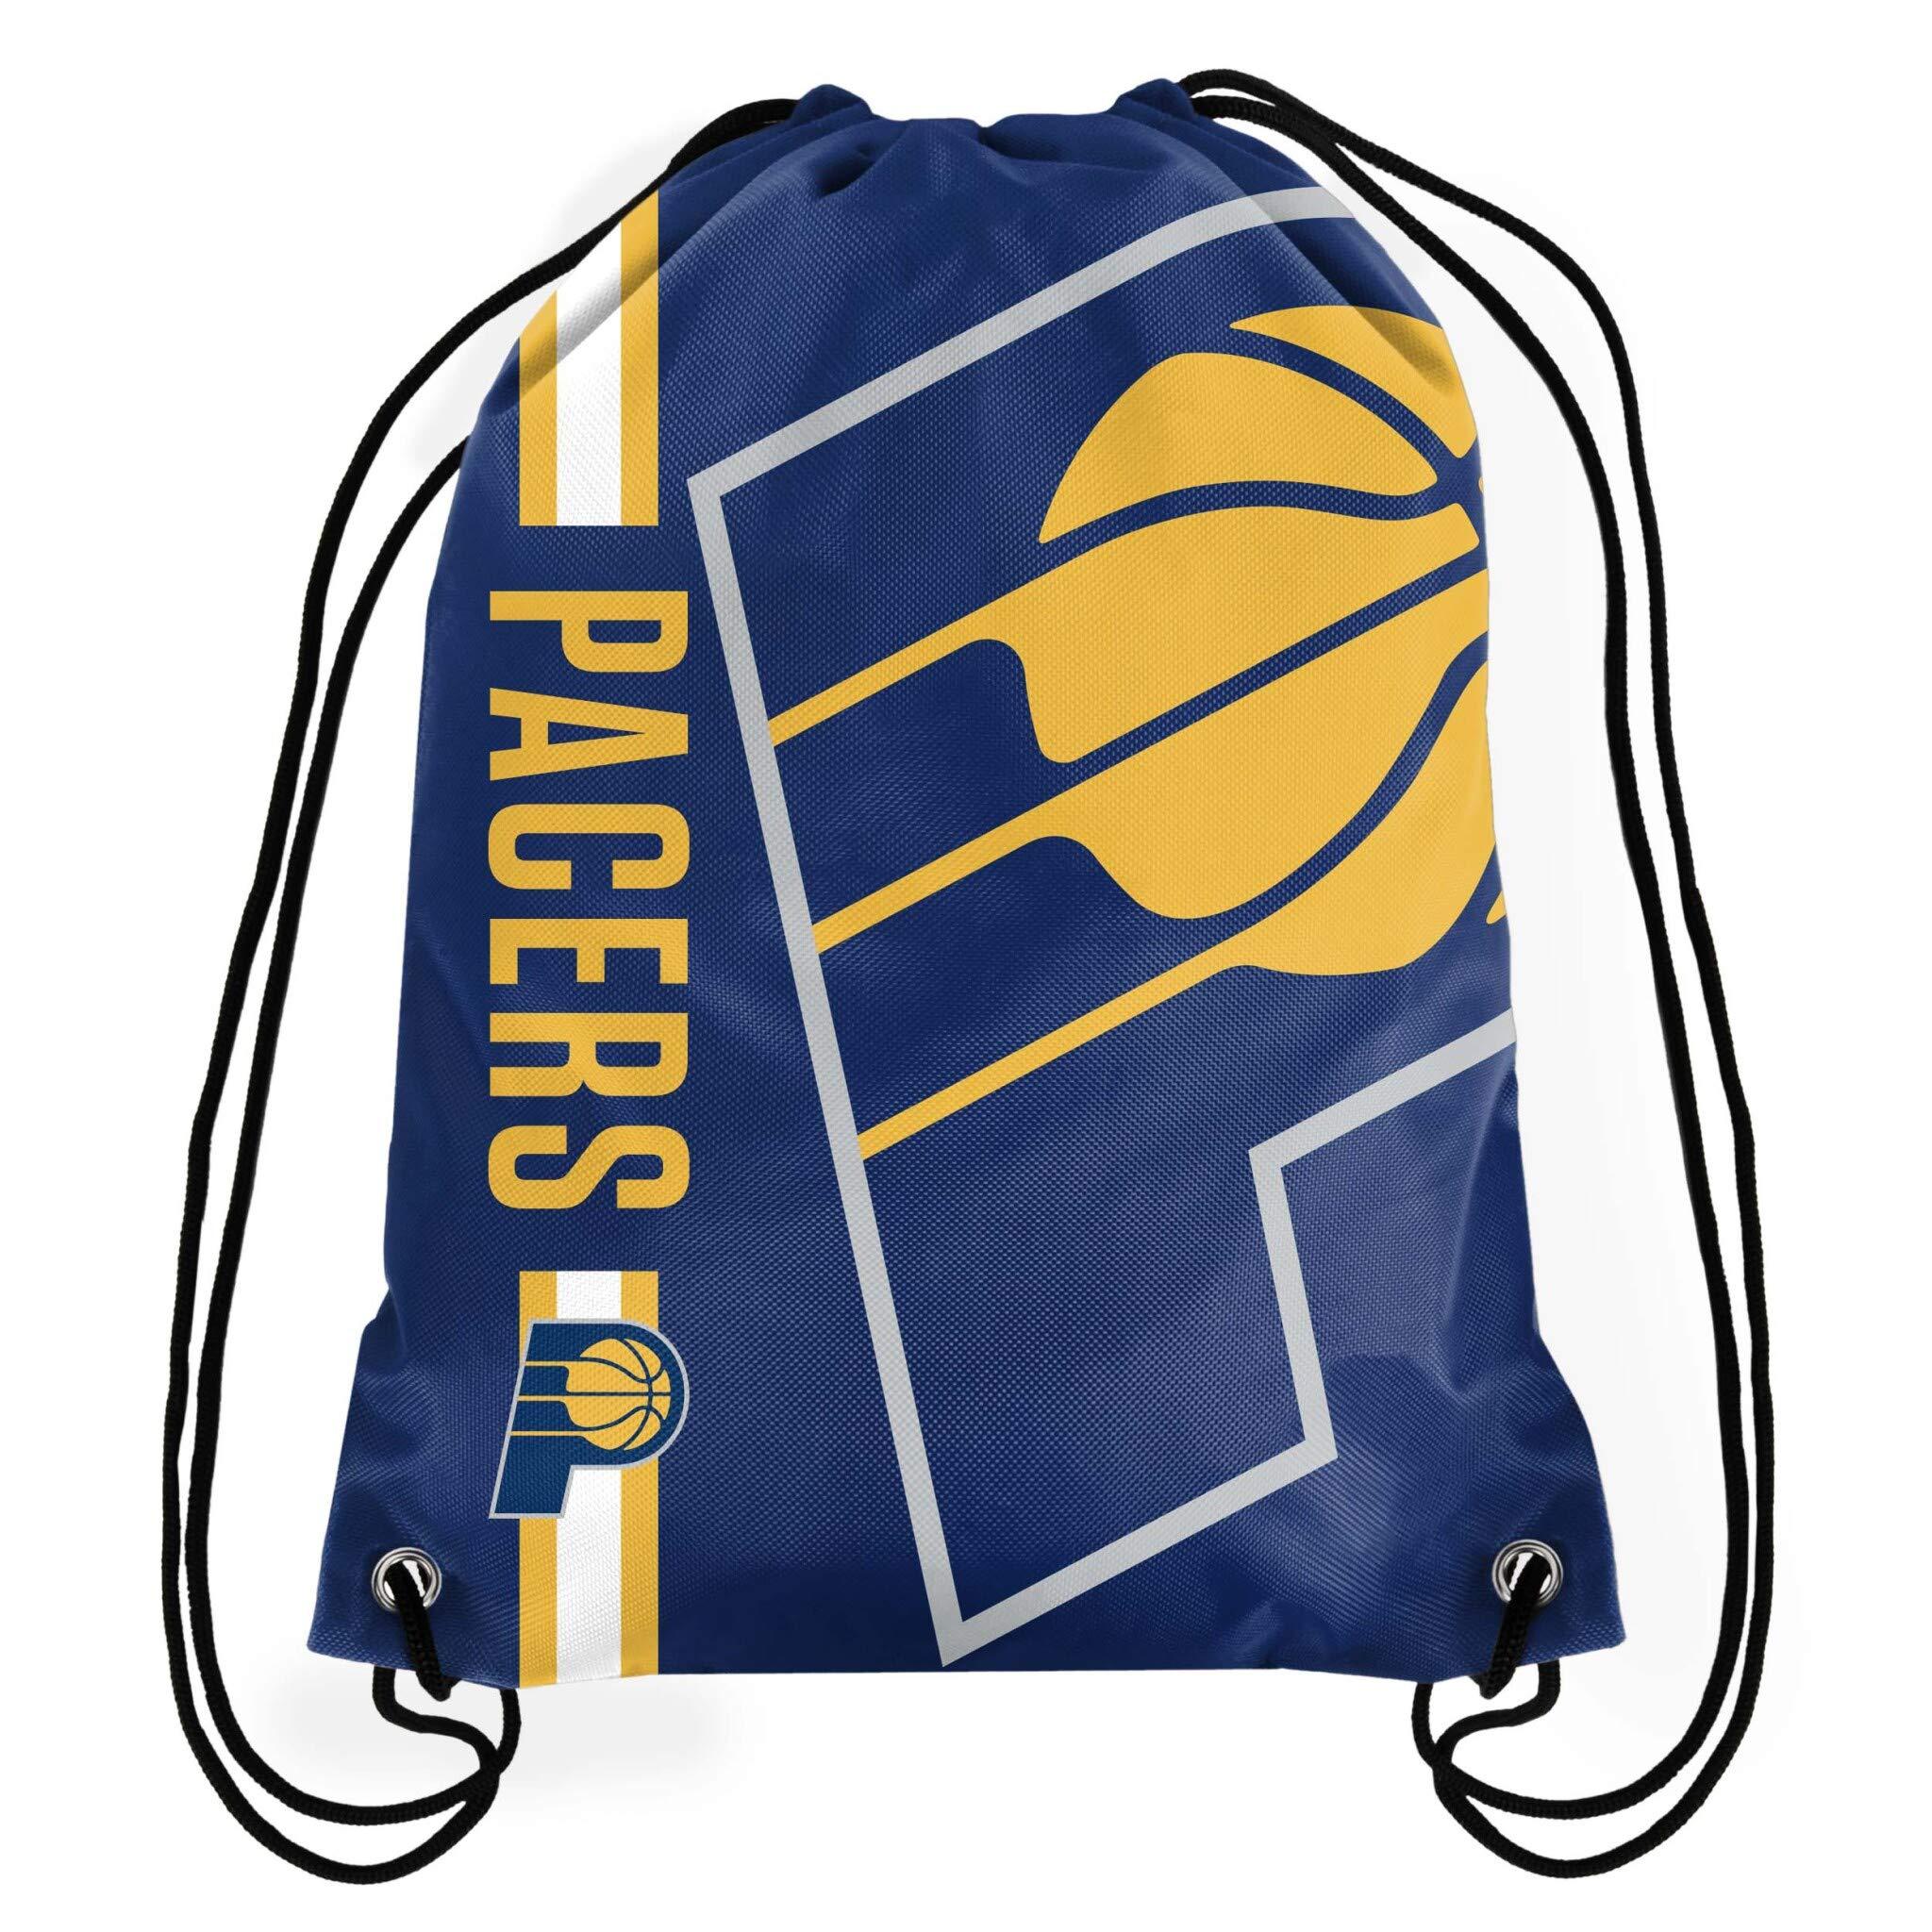 hotprint Knicks Basketball New York Sport Logo Car Bumper Sticker Decal 5 X 5